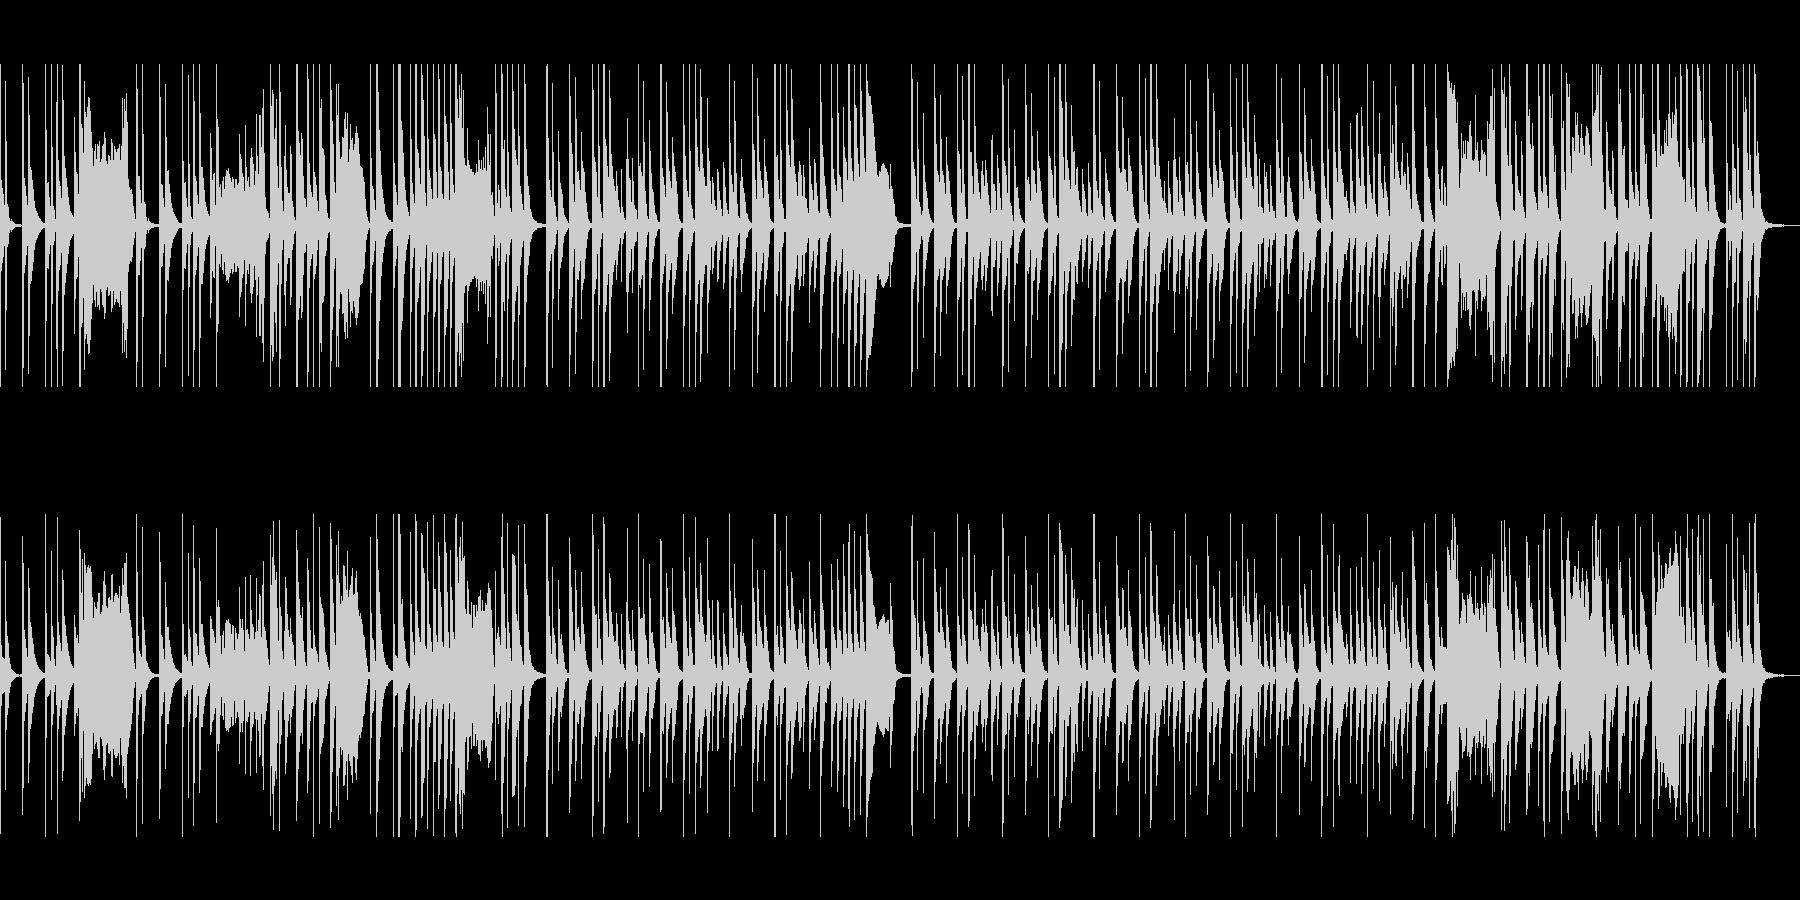 マリンバのコミカルで可愛いメロディの未再生の波形